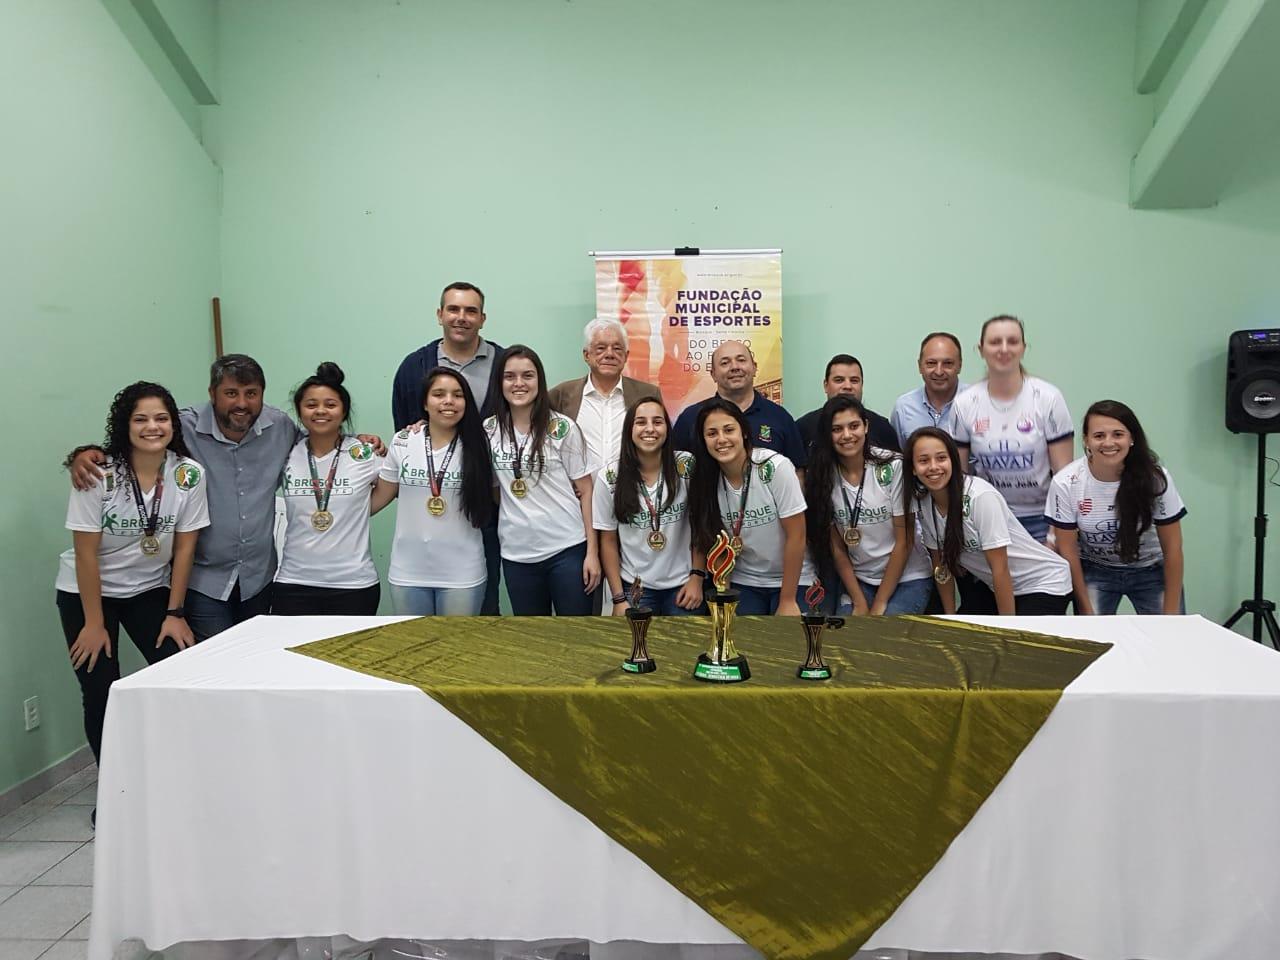 Prefeitura de Brusque promove evento de confraternização com atletas que representaram a cidade nos Joguinhos Abertos